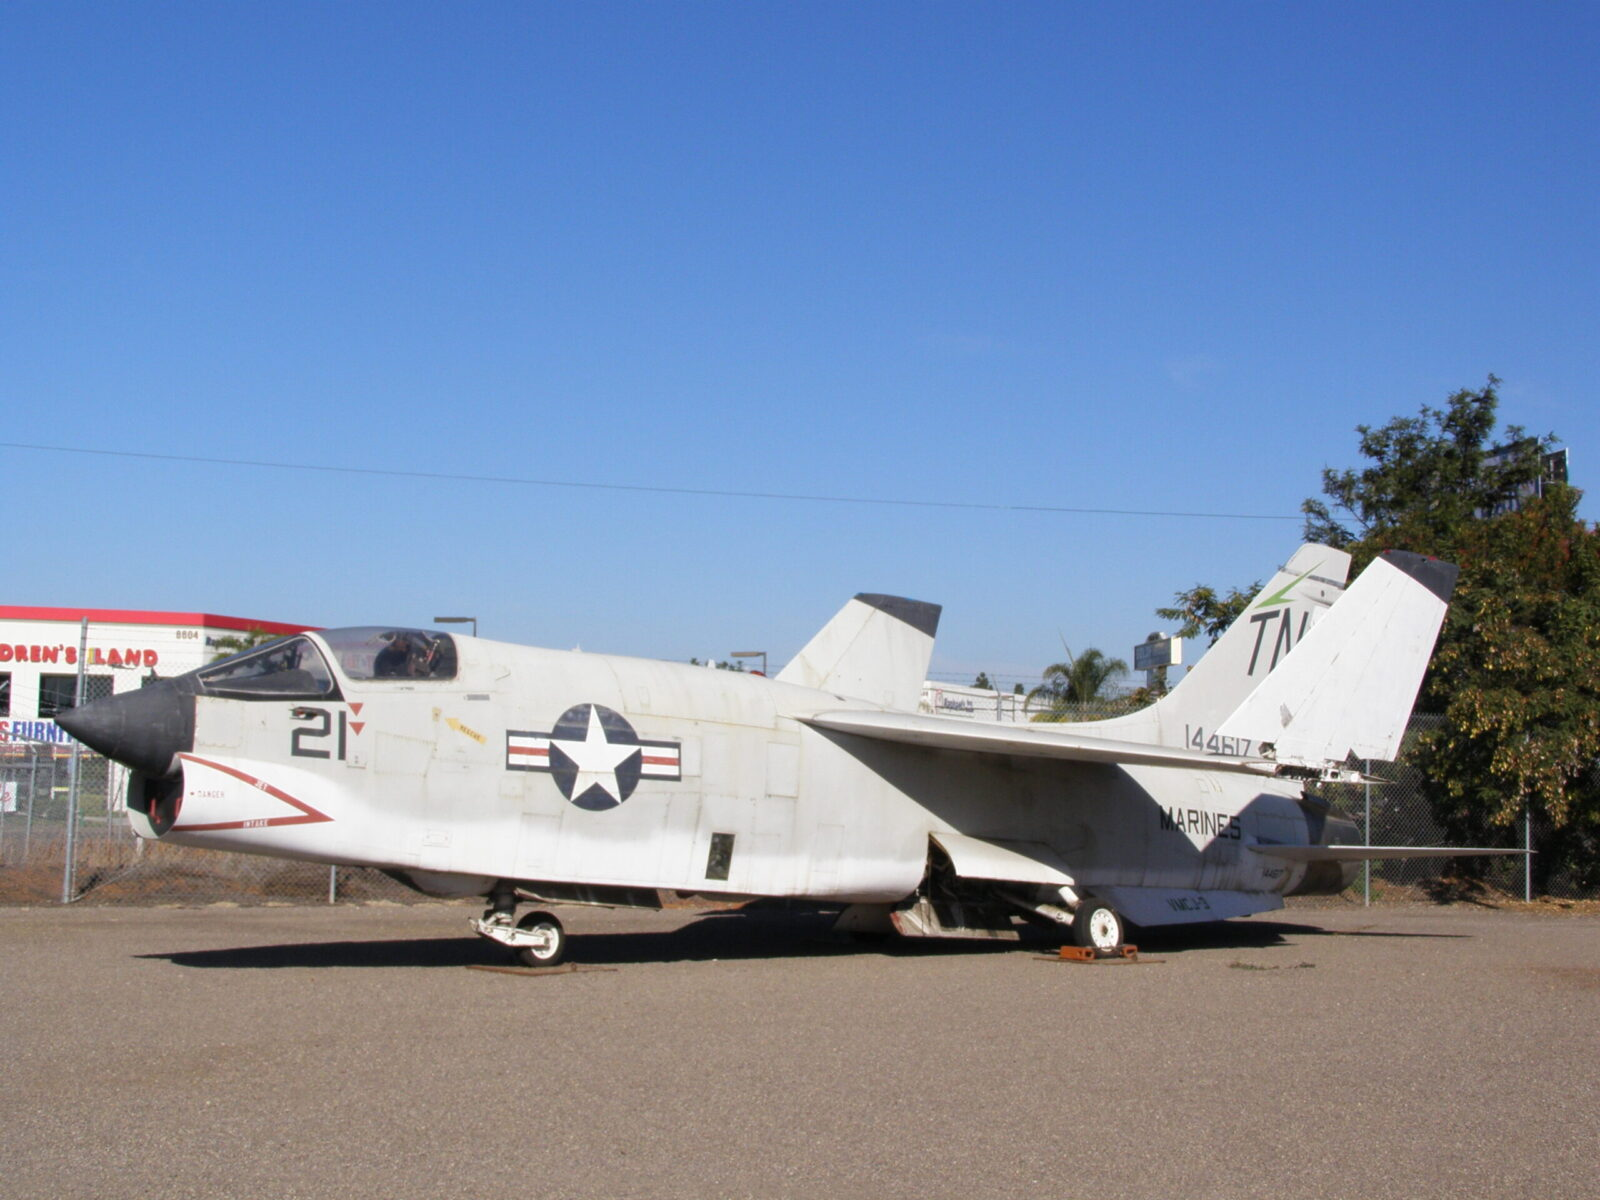 RF8G Crusader, photo recon aircraft